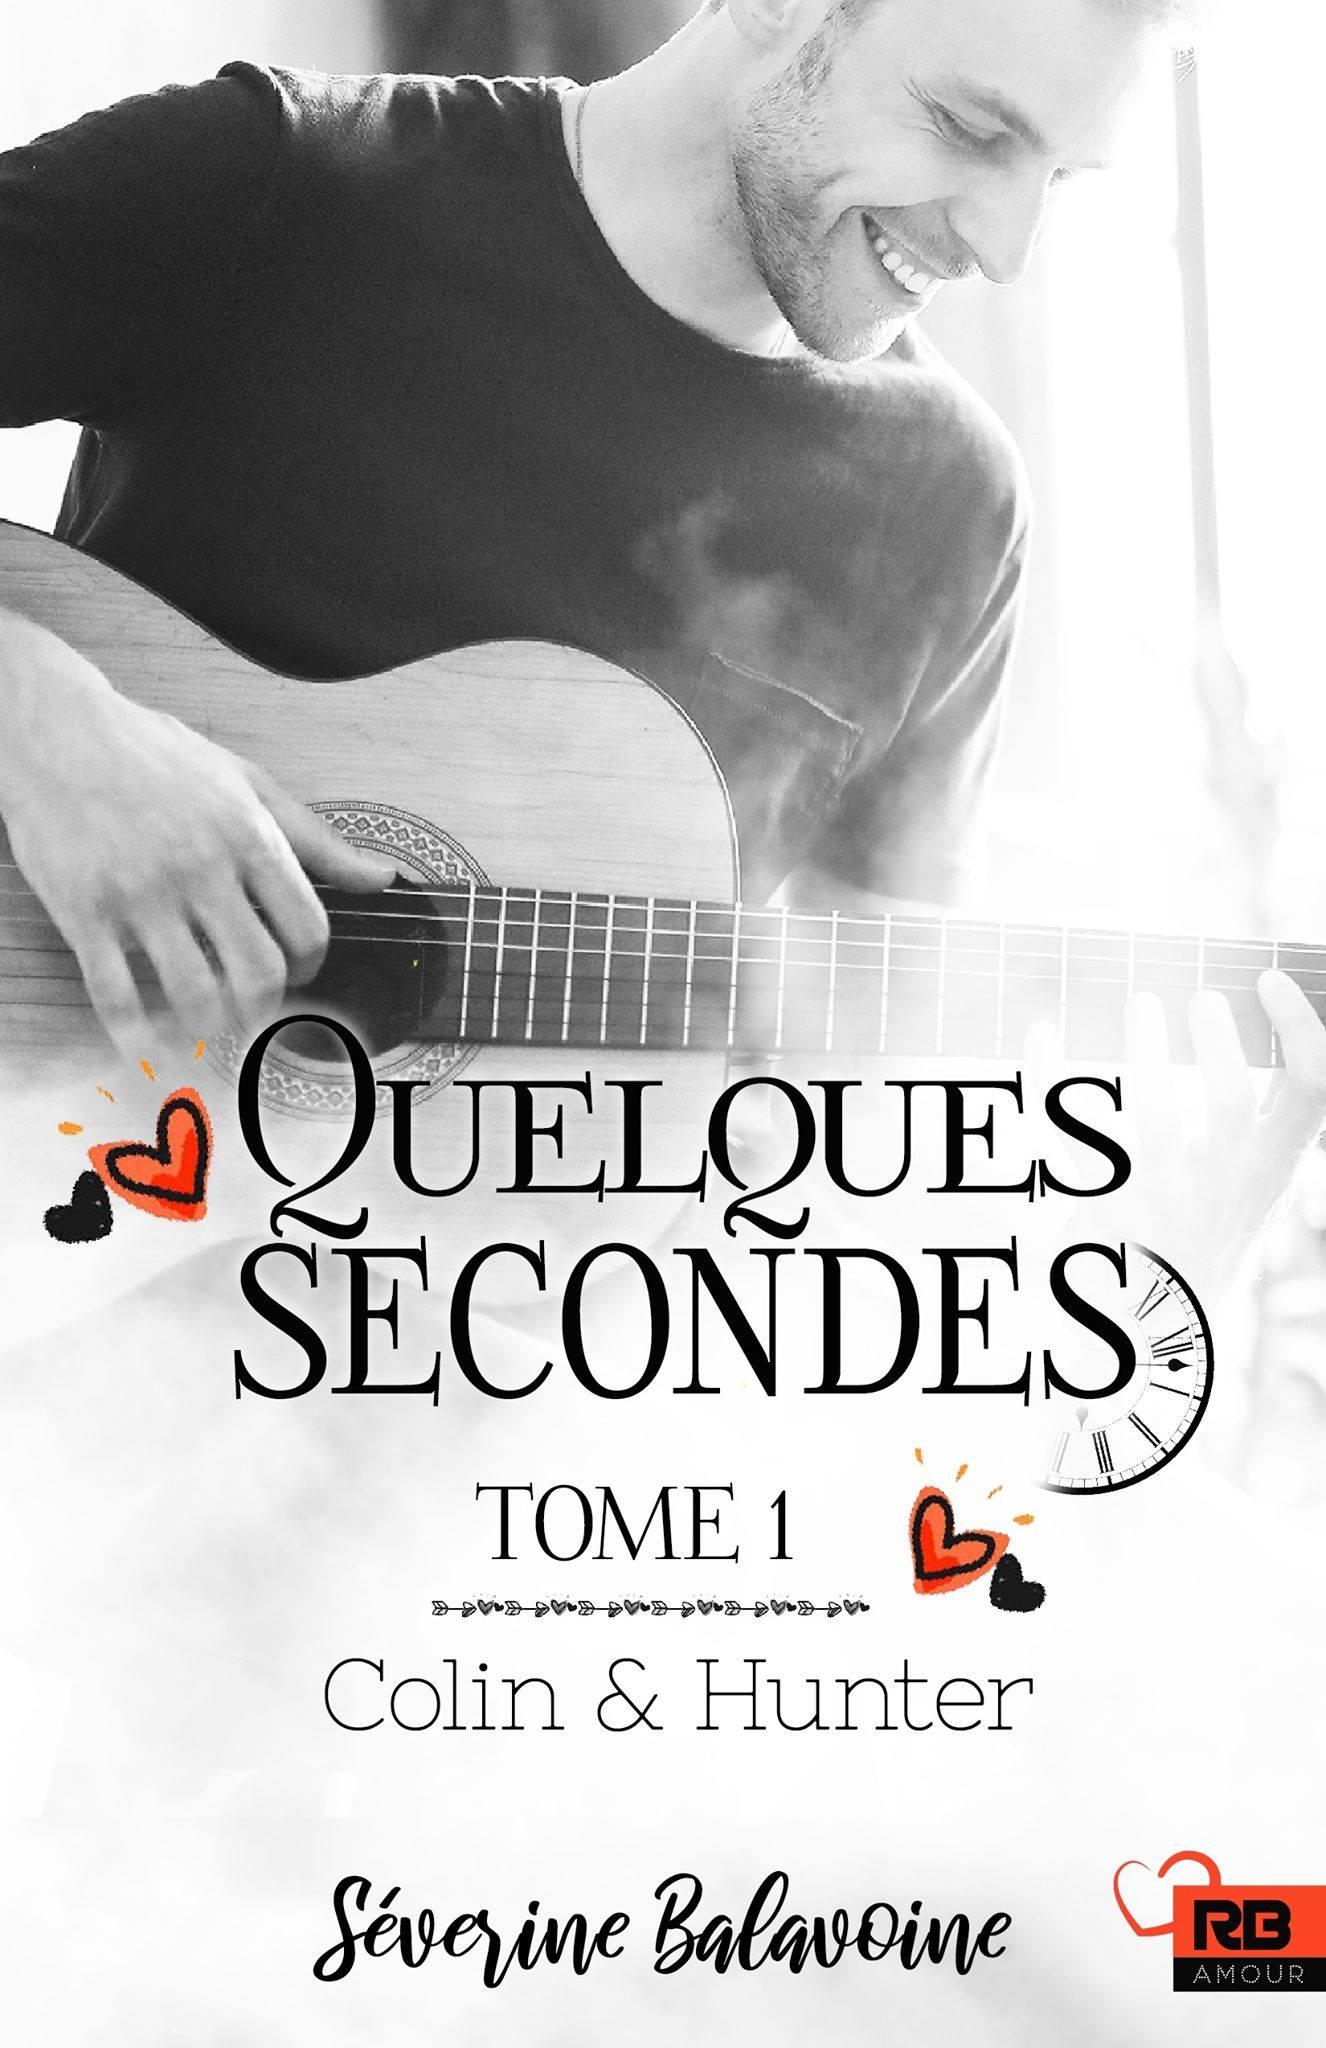 Quelques secondes – Tome 1 : Colin et Hunter écrit par Séverine Balavoine